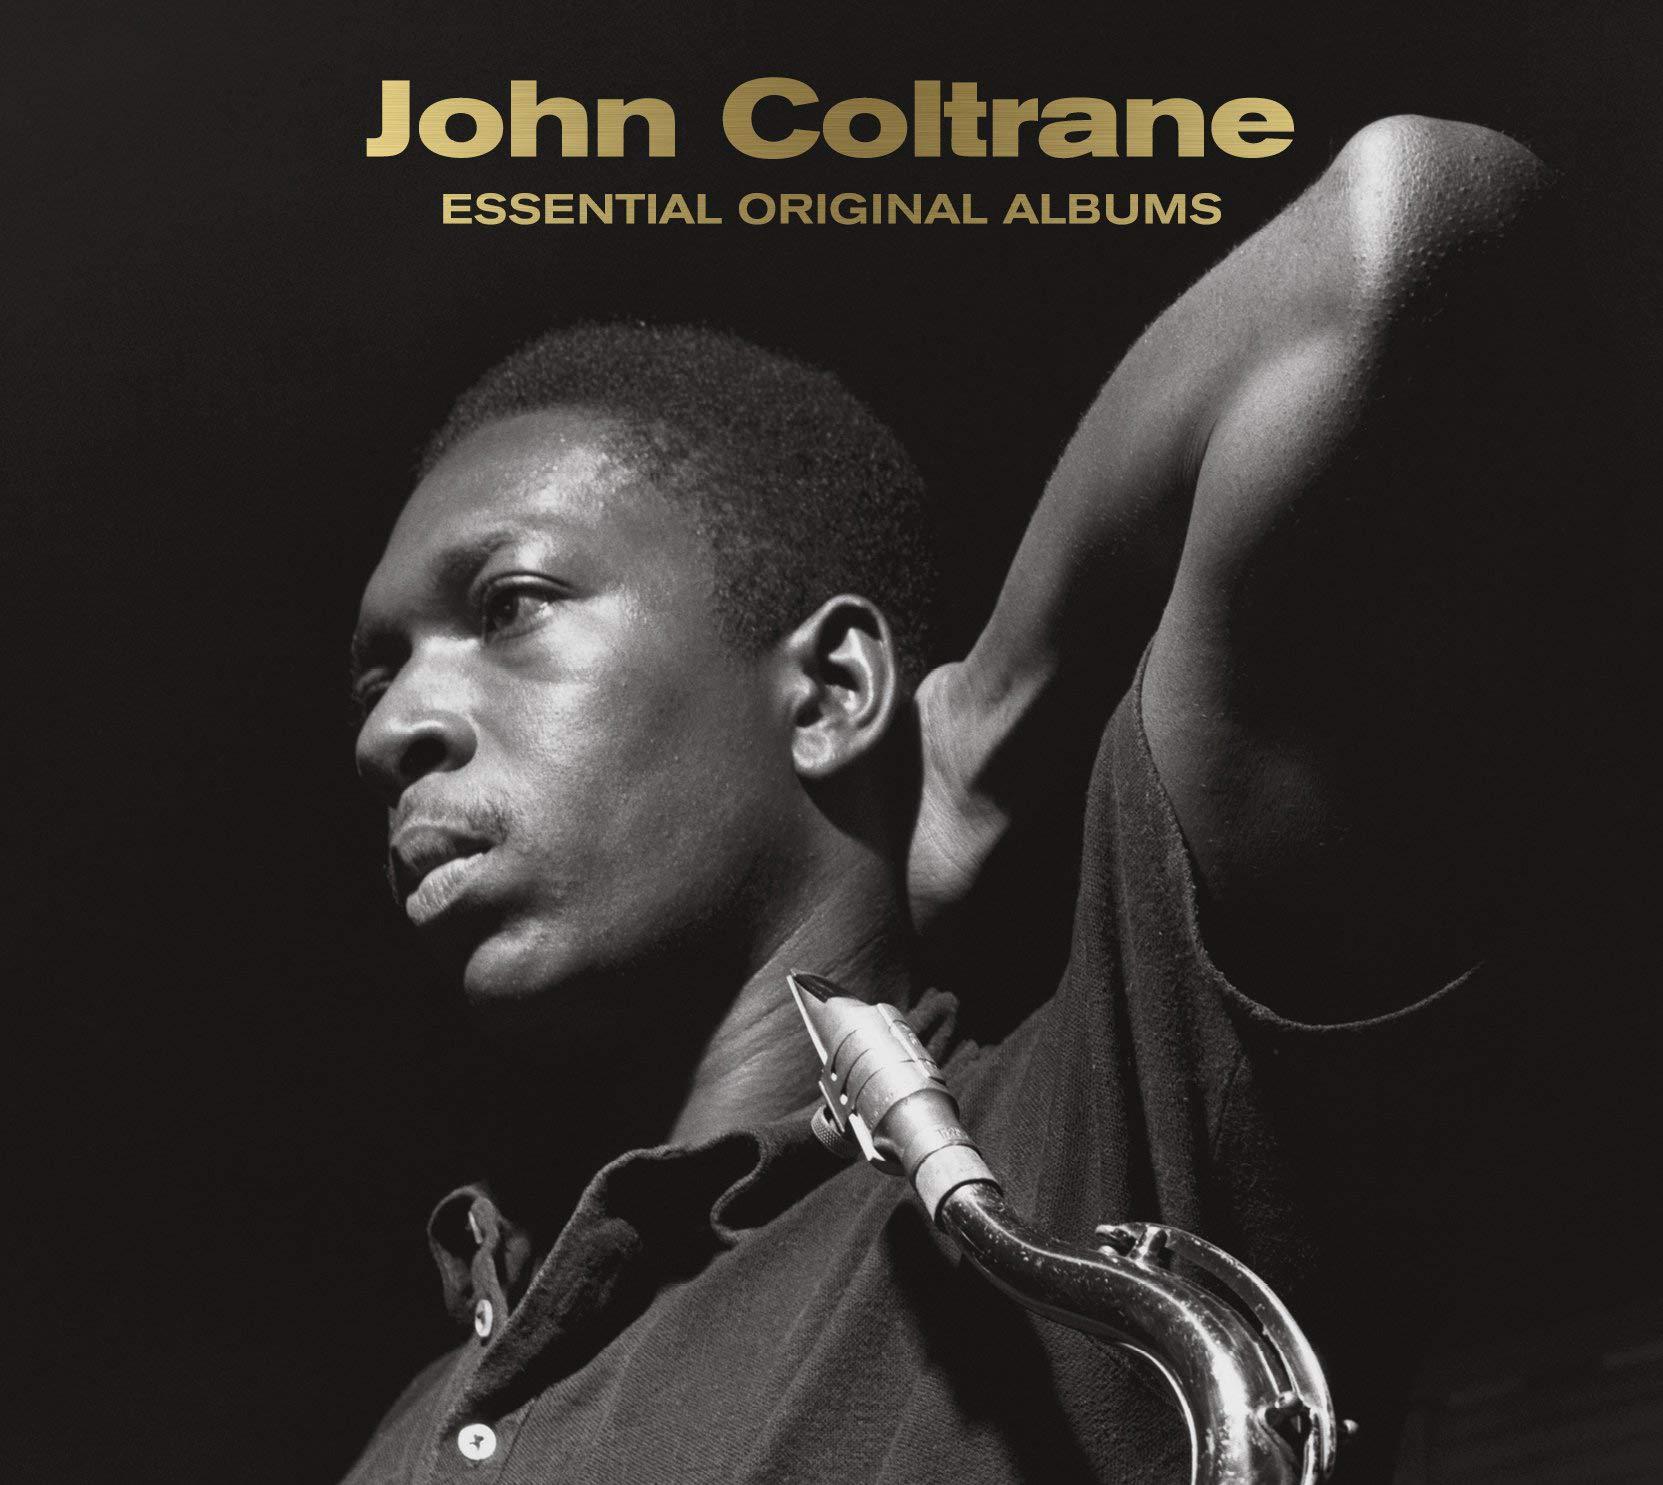 Essential Original Albums - John Coltrane